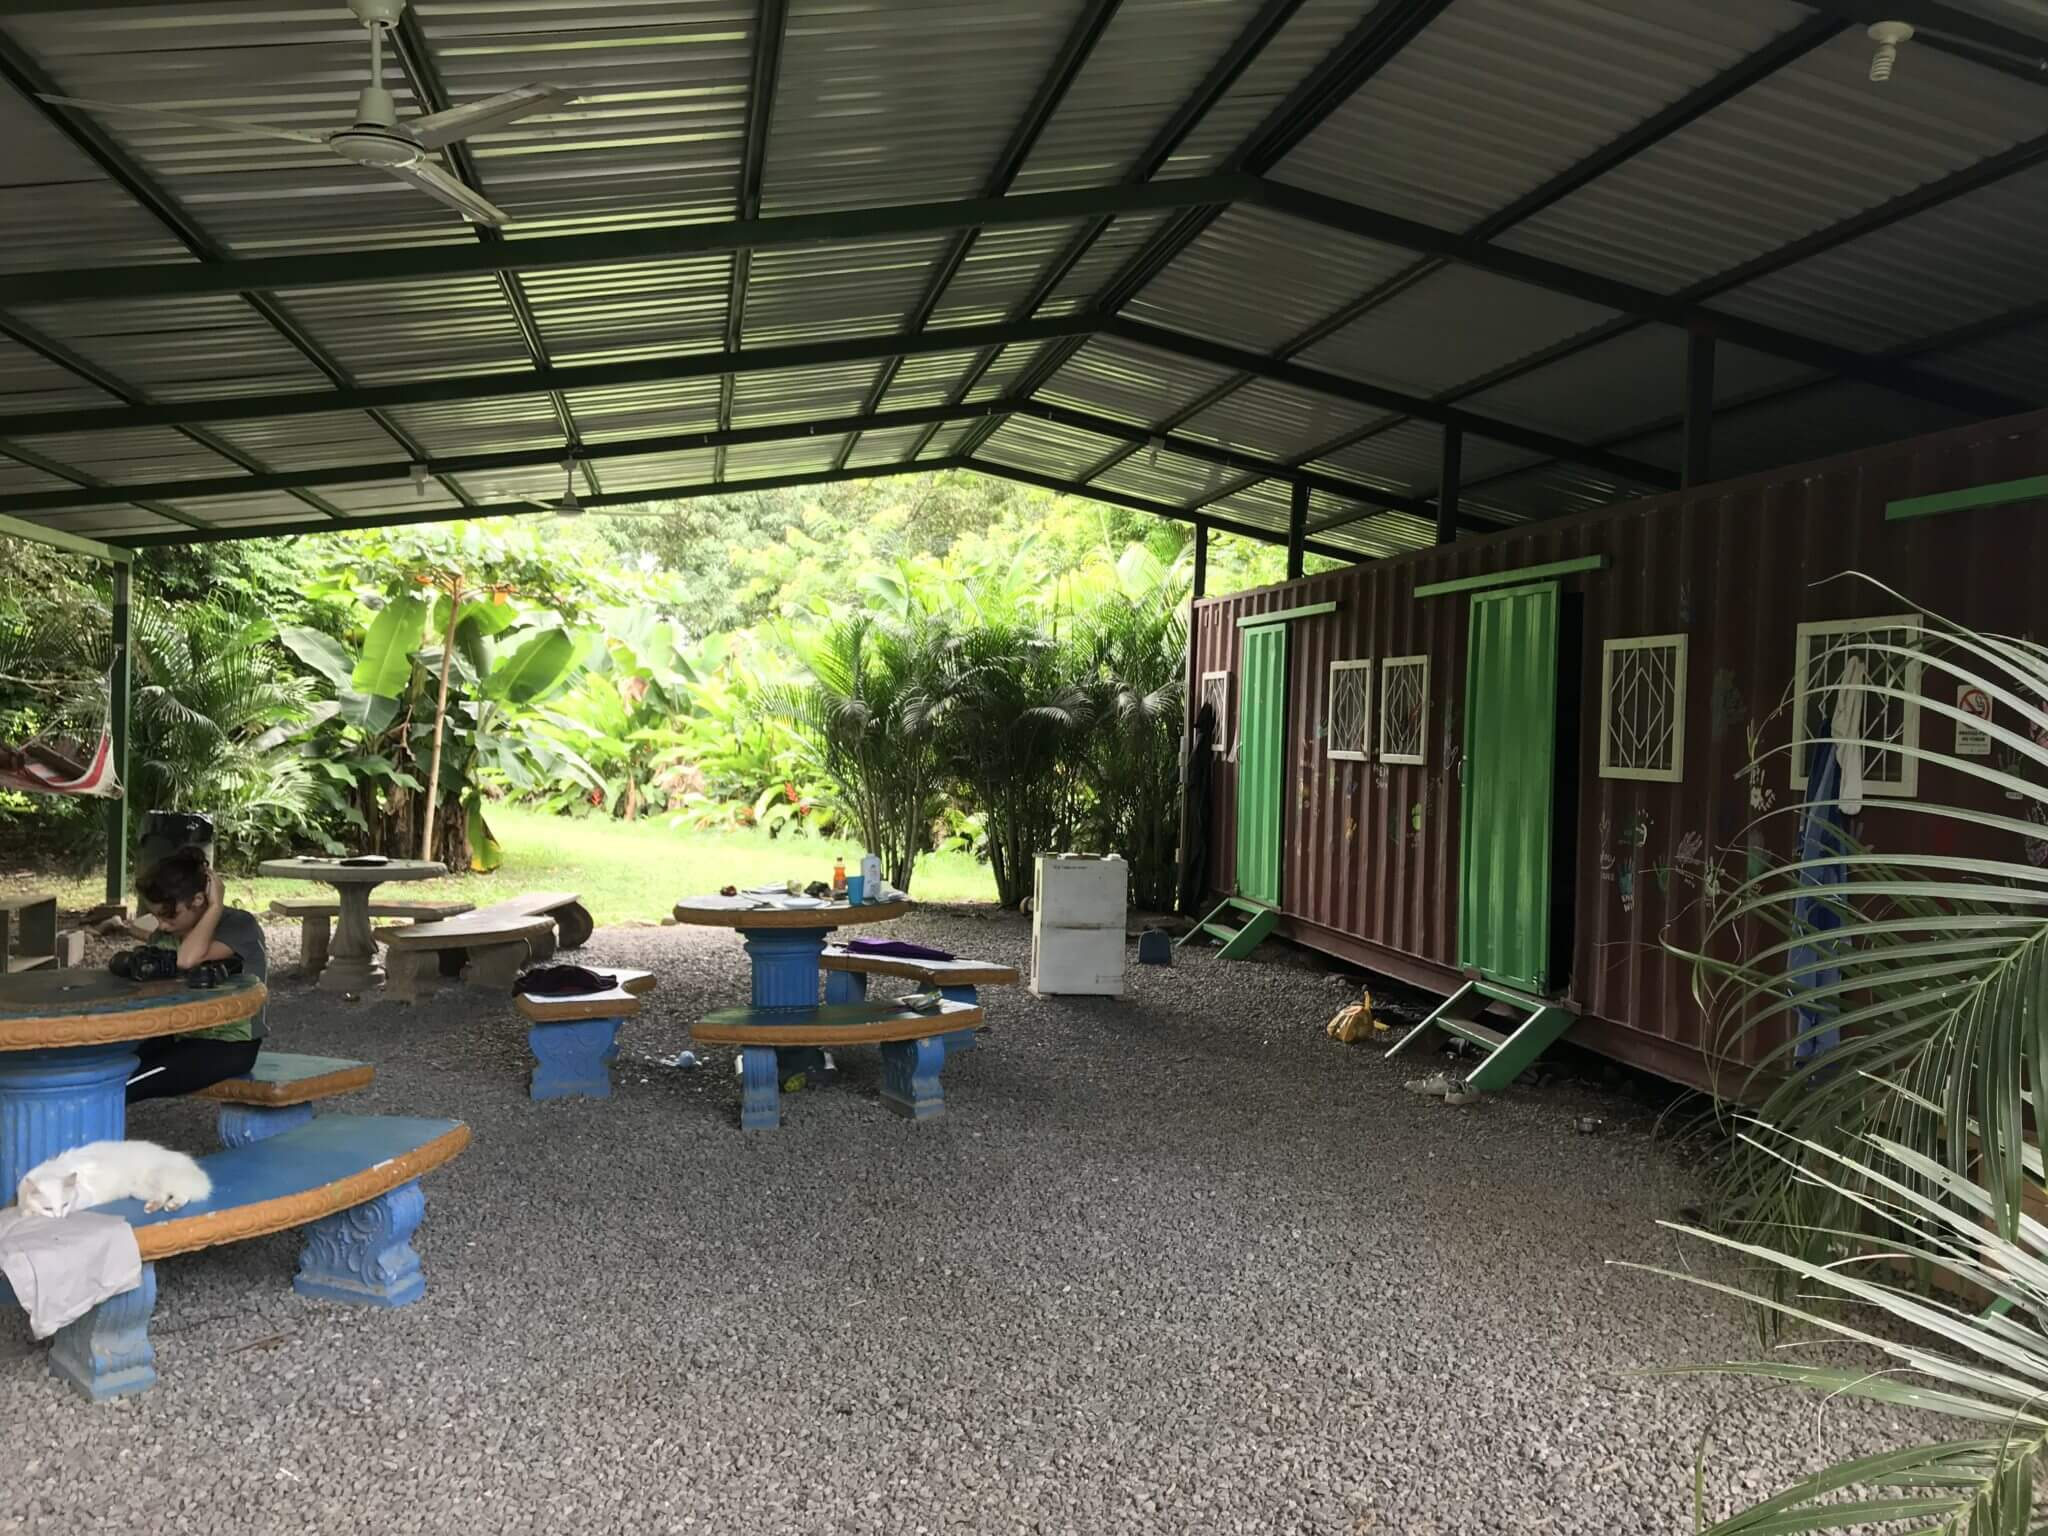 NATUWA volunteer facilities